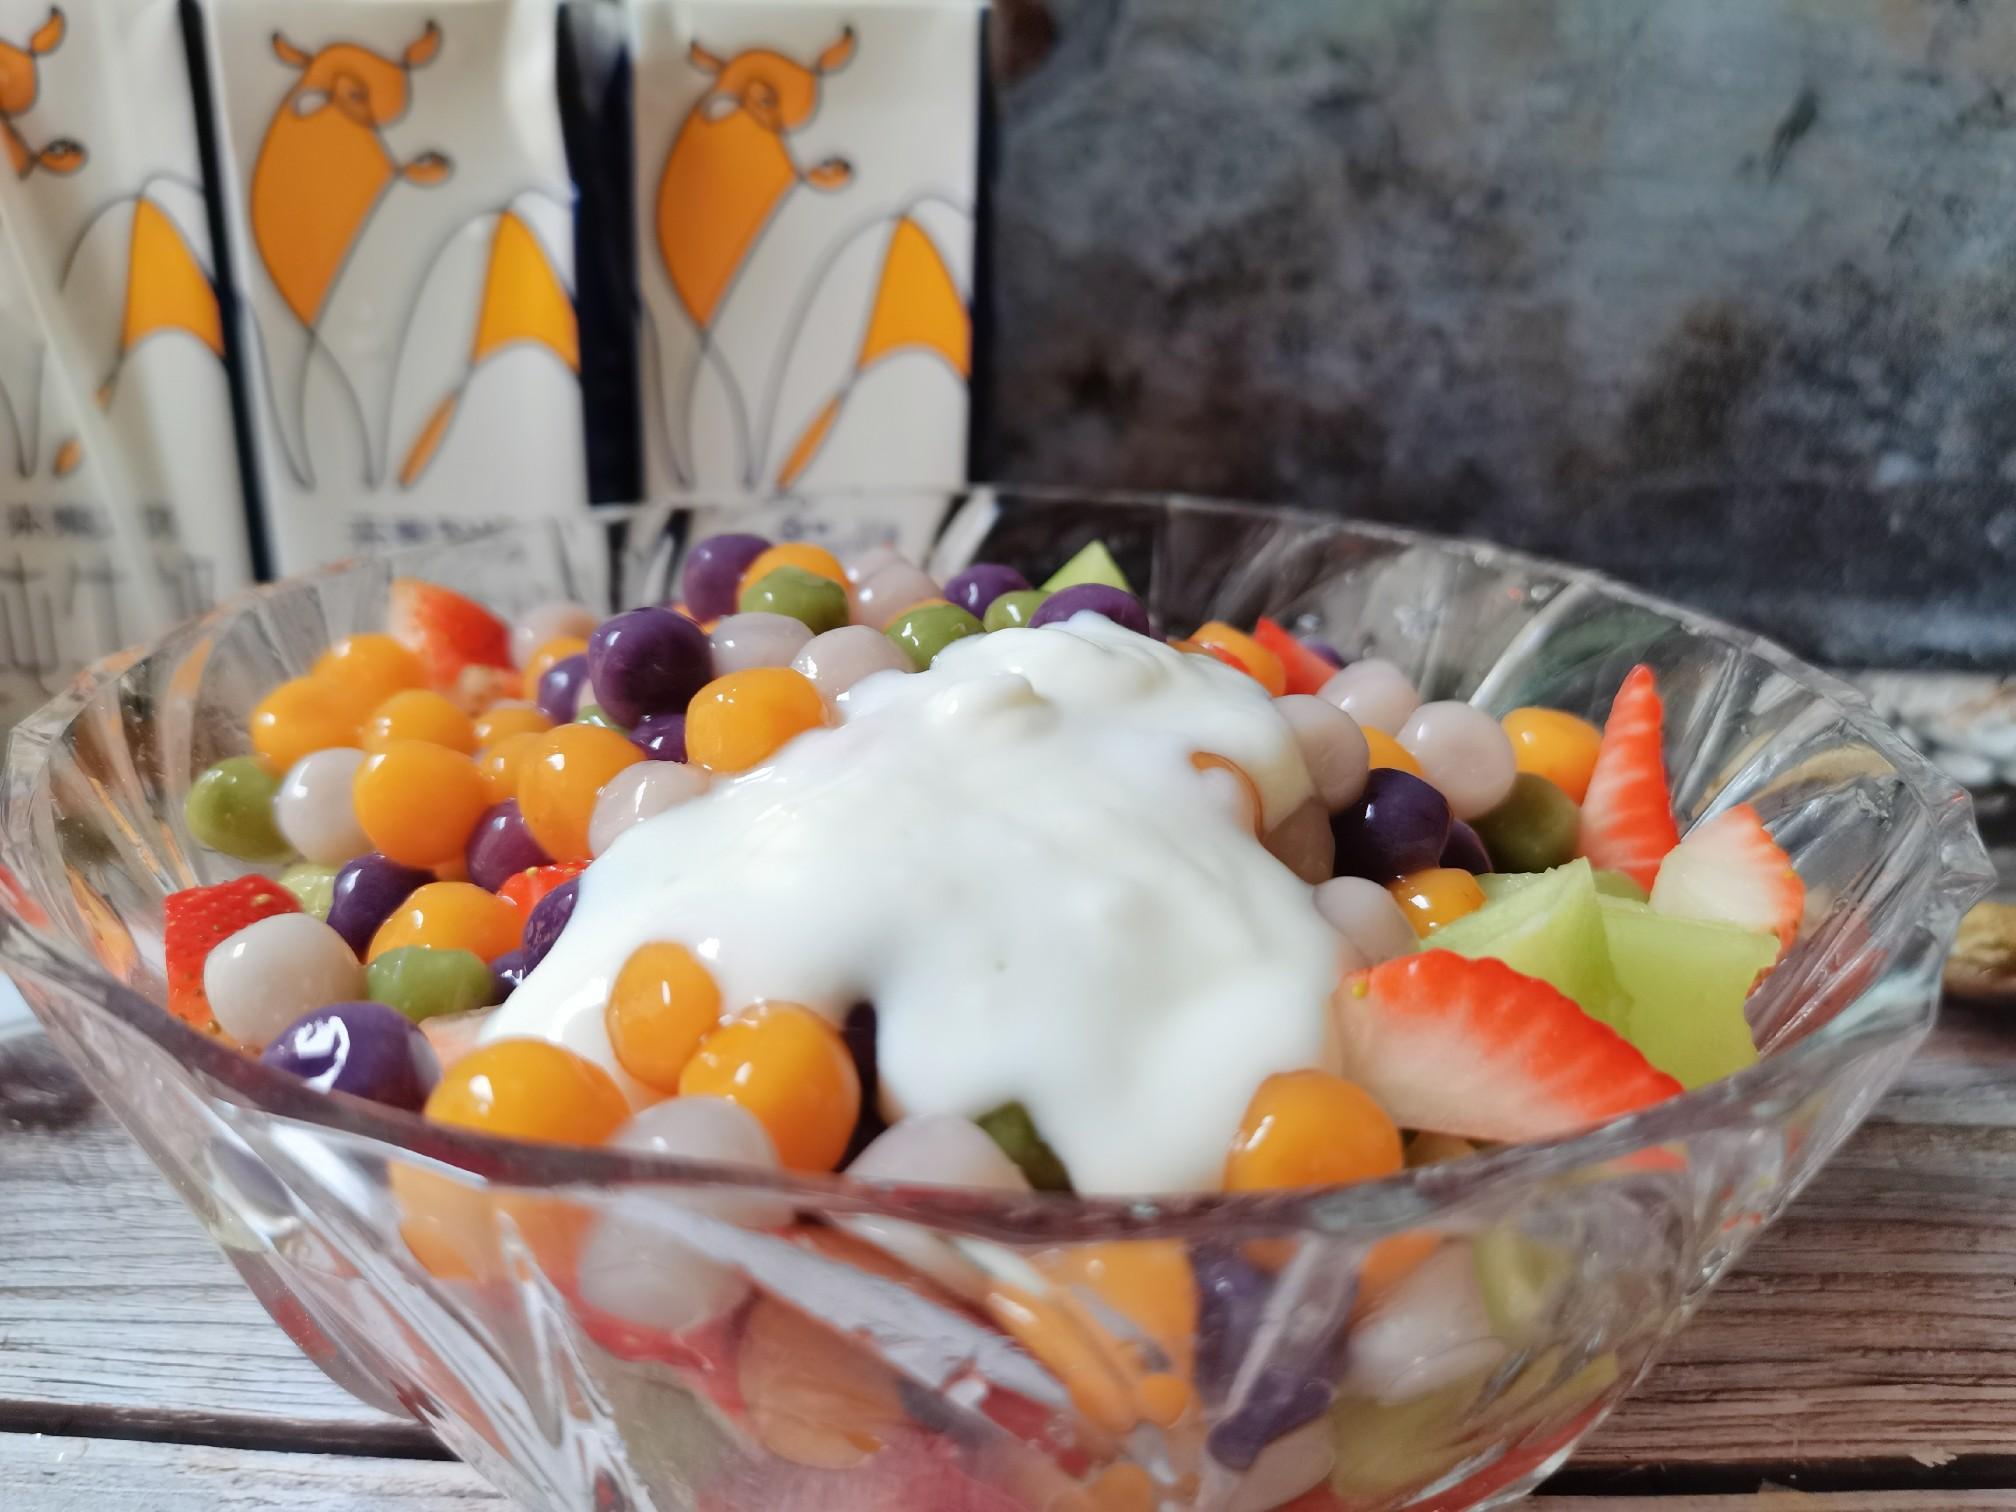 酸奶水果捞的制作大全